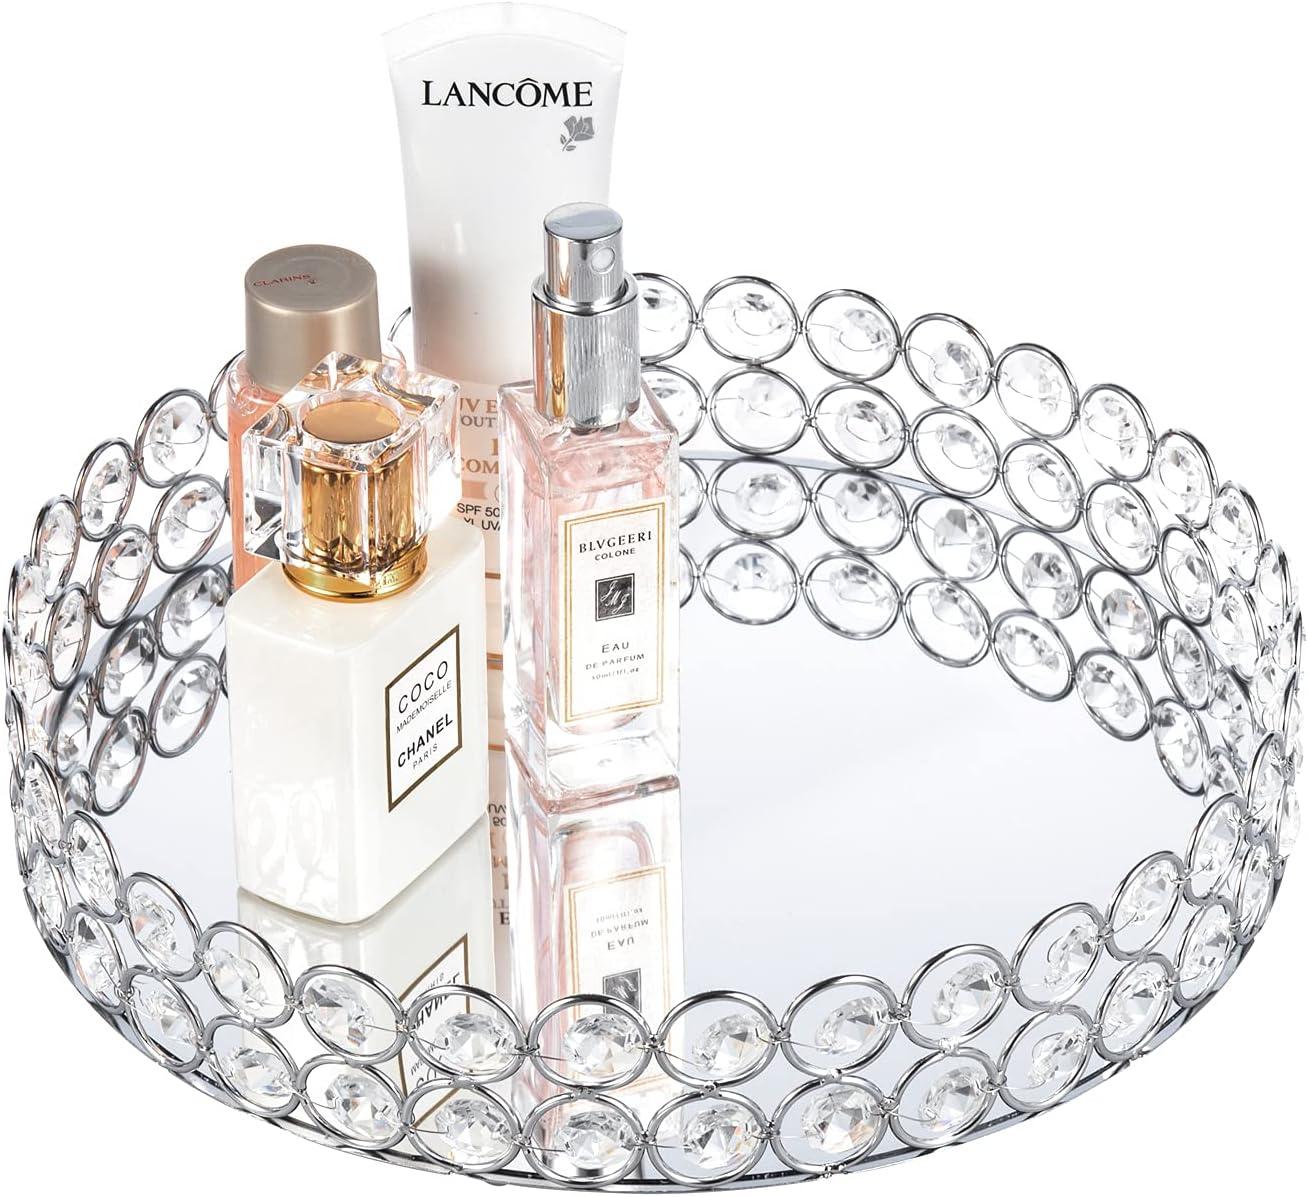 Eiyye 10inch Round Crystal Makeup Tray Mirrored Decorative Vanity Trays Home Decor Jewelry Trinket Organizer Trays